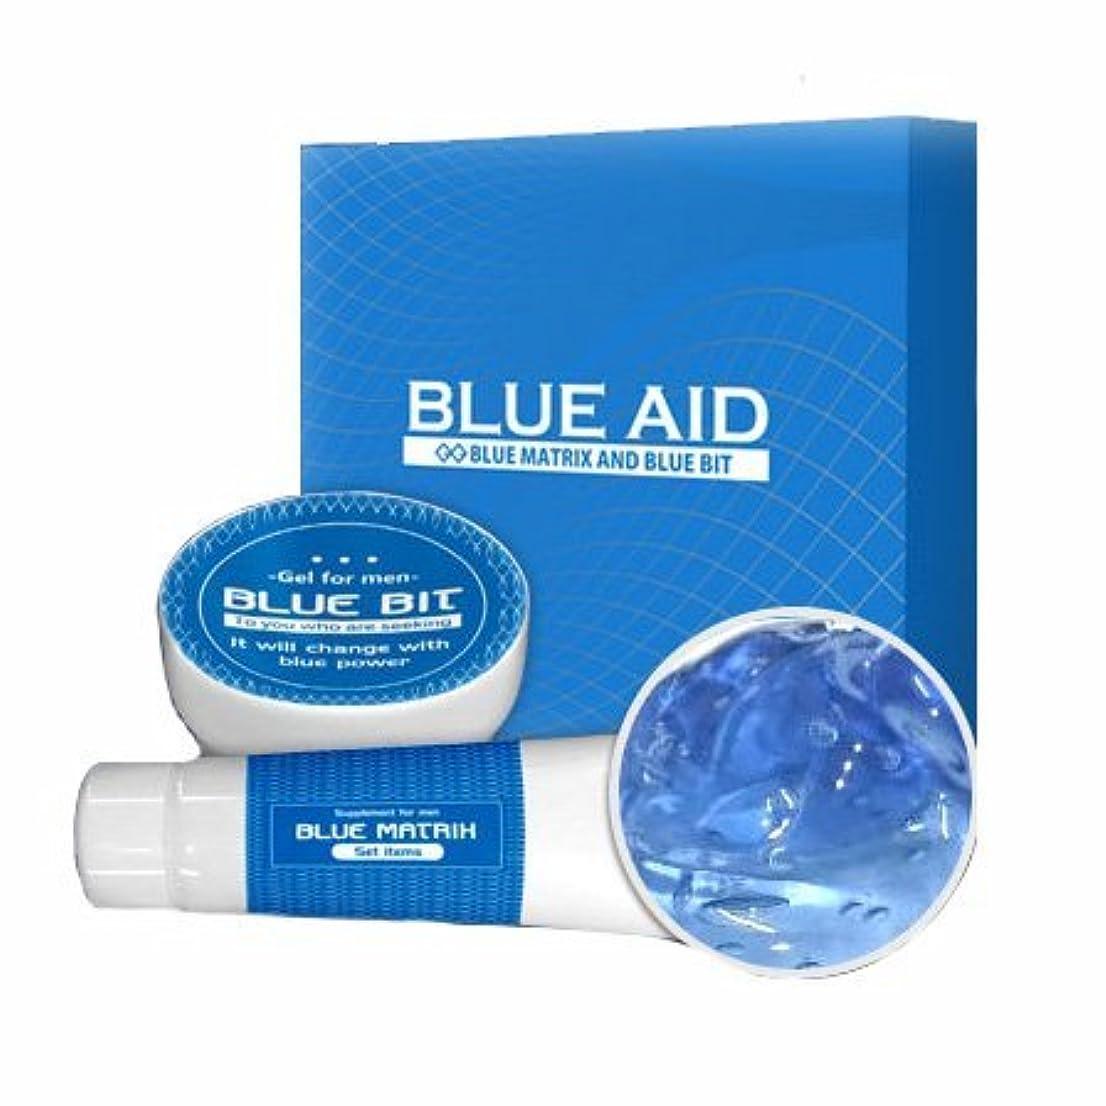 息苦しい成長する層BLUE AID(ブルーエイド)【ブルーマトリクス+ブルービット】